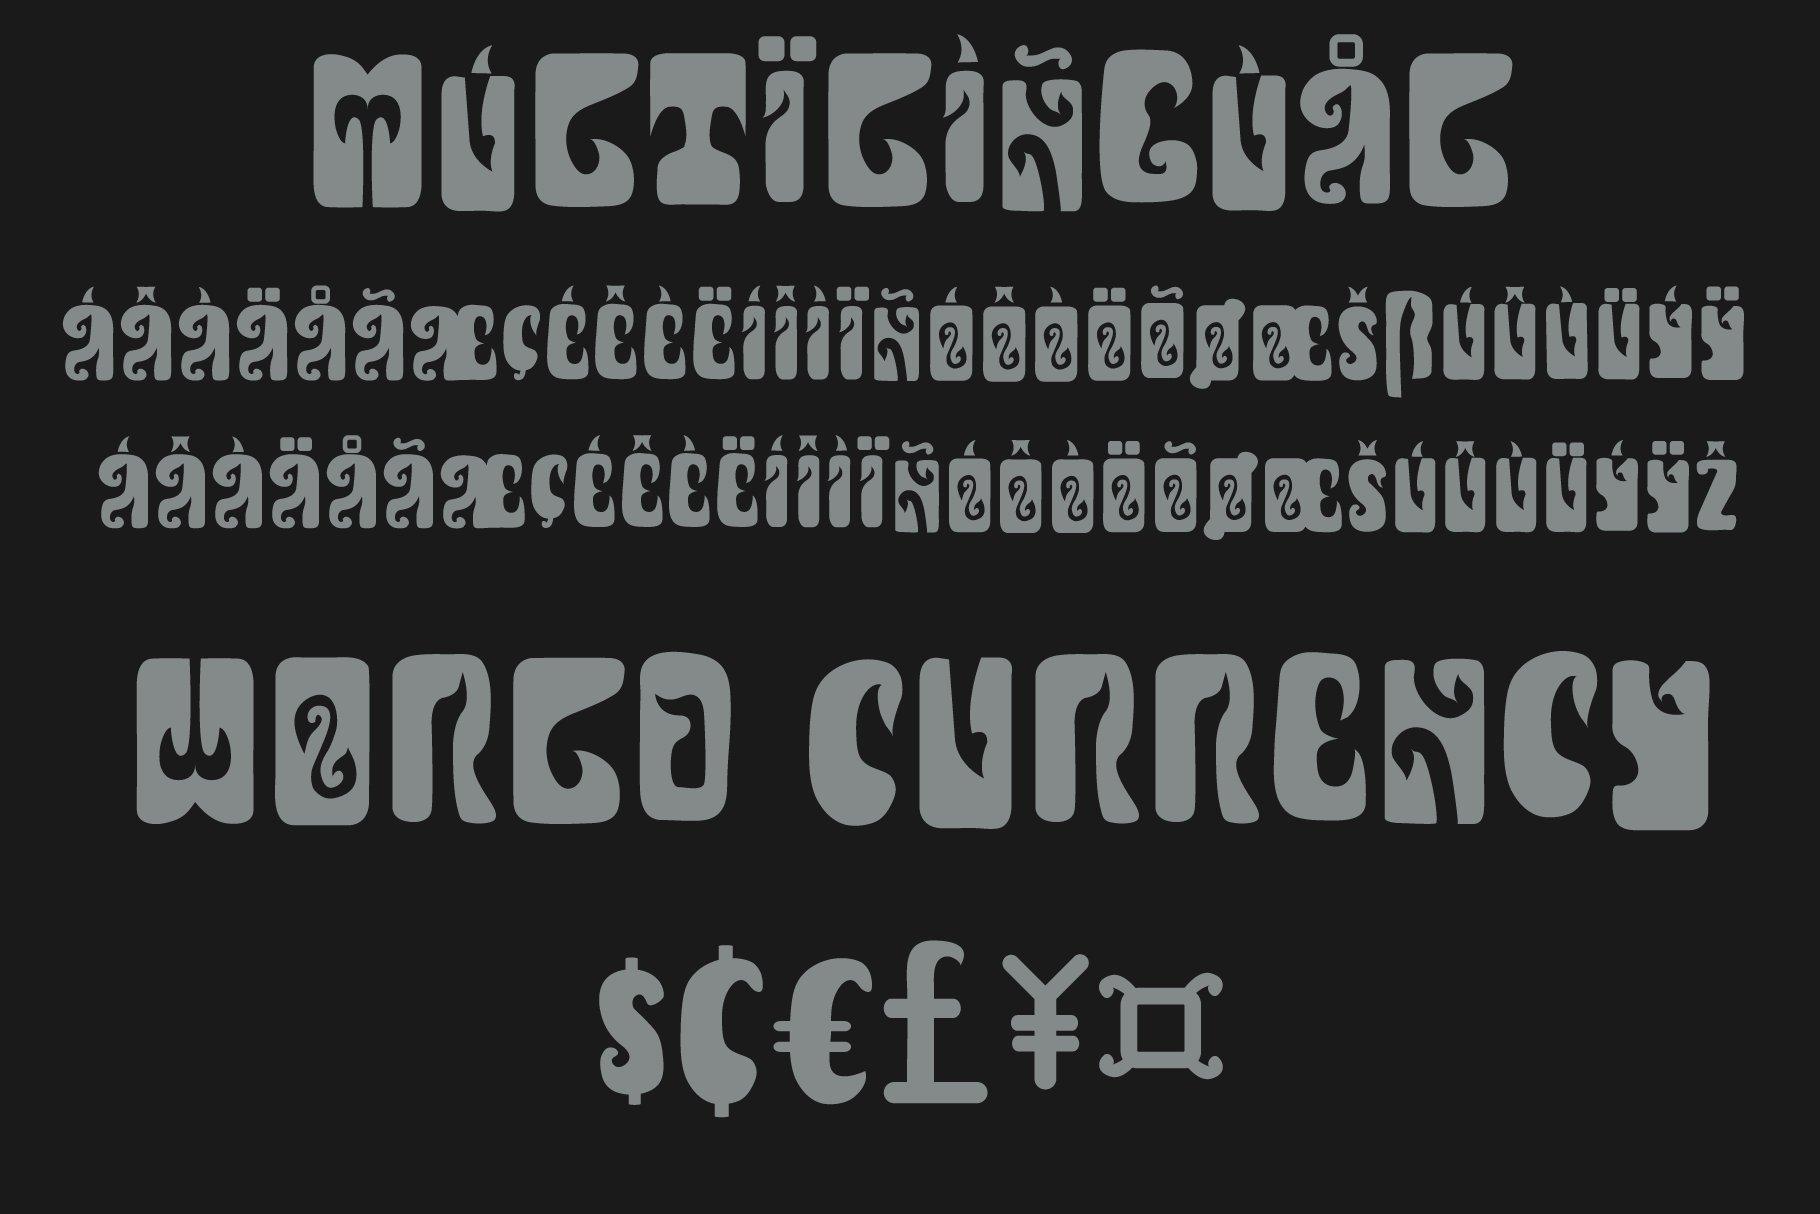 印度尼西亚风品牌徽标Logo海报标题设计手绘英文字体素材 Javanesia Font插图7